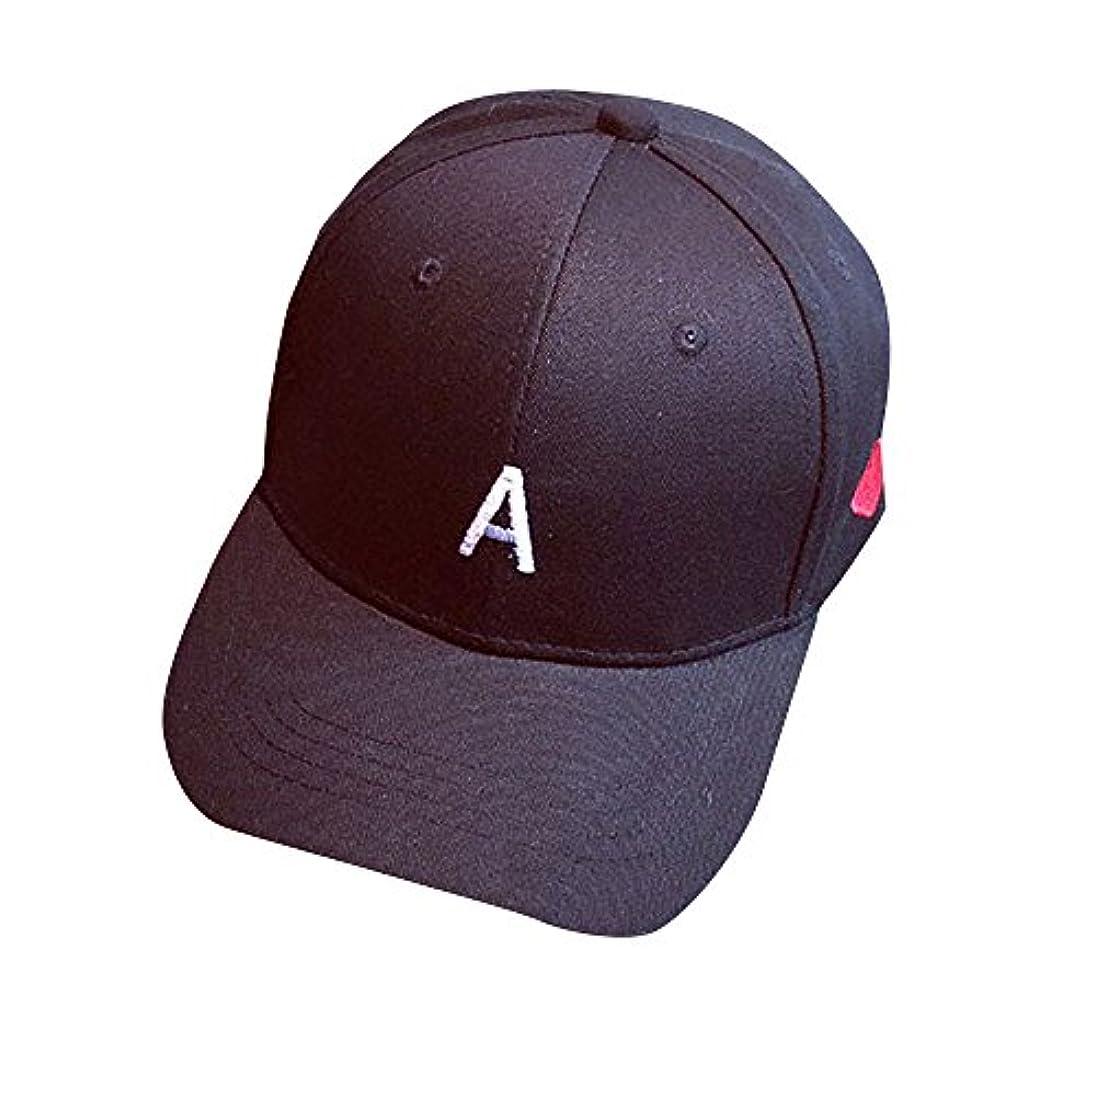 ハンバーガー強風神経障害Racazing Cap 文字刺繍 野球帽 無地 キャップ 夏 登山 通気性のある 帽子 ベルクロ 可調整可能 ヒップホップ 棒球帽 UV 帽子 軽量 屋外 Unisex Hat (黒)